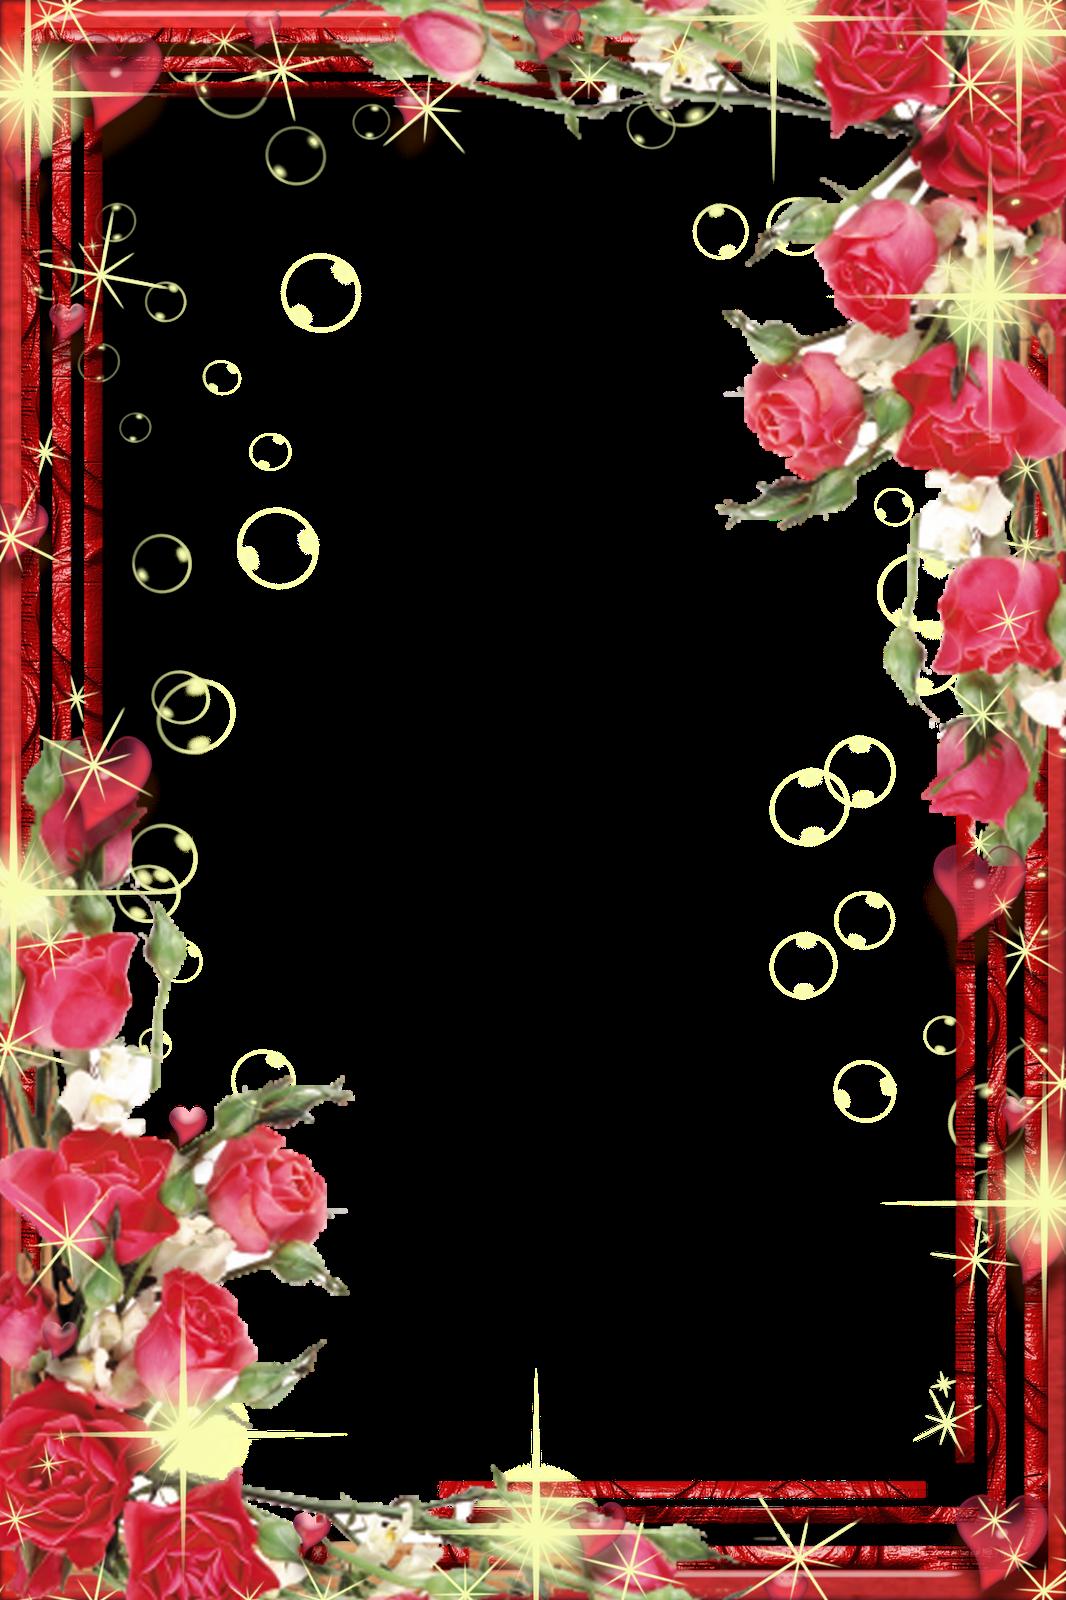 Рамка для поздравления официальная с цветами